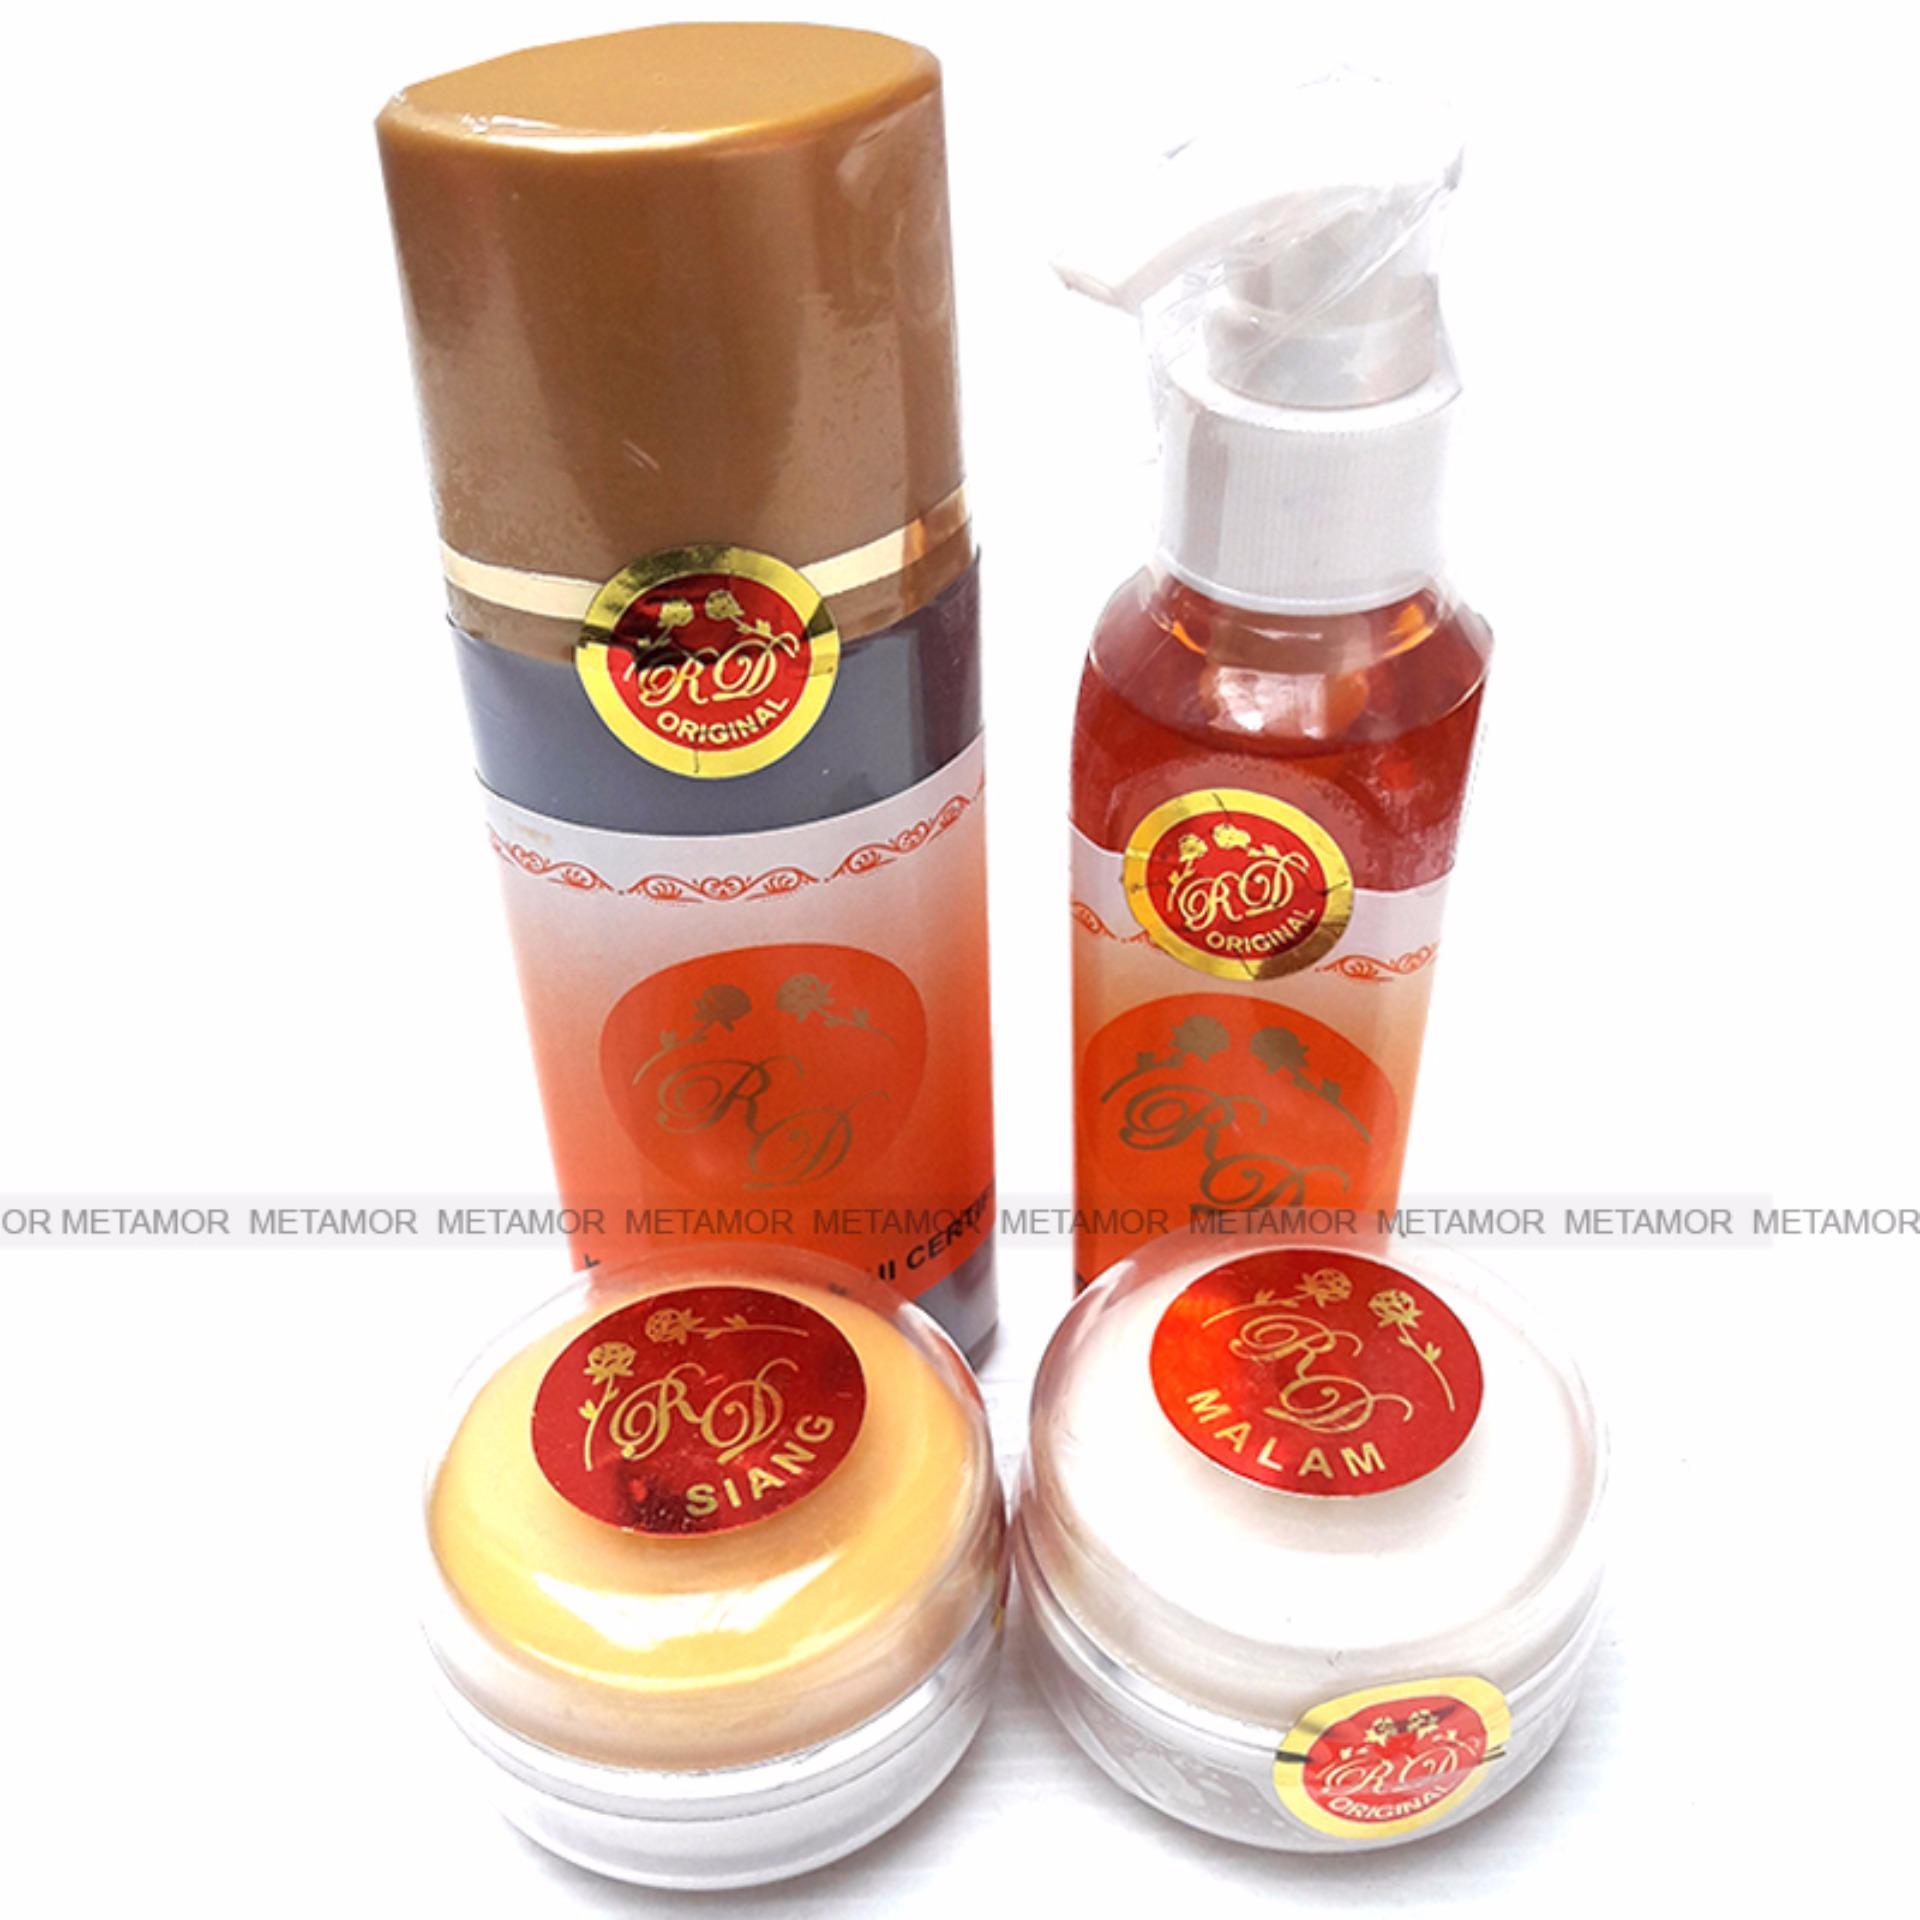 Pencarian Termurah Rd Paket Cream Racikan Original 100 Hologram Ra Glow Pengelupasan Pemutih Wajah Krim Jerawat Pencerah Perawatan